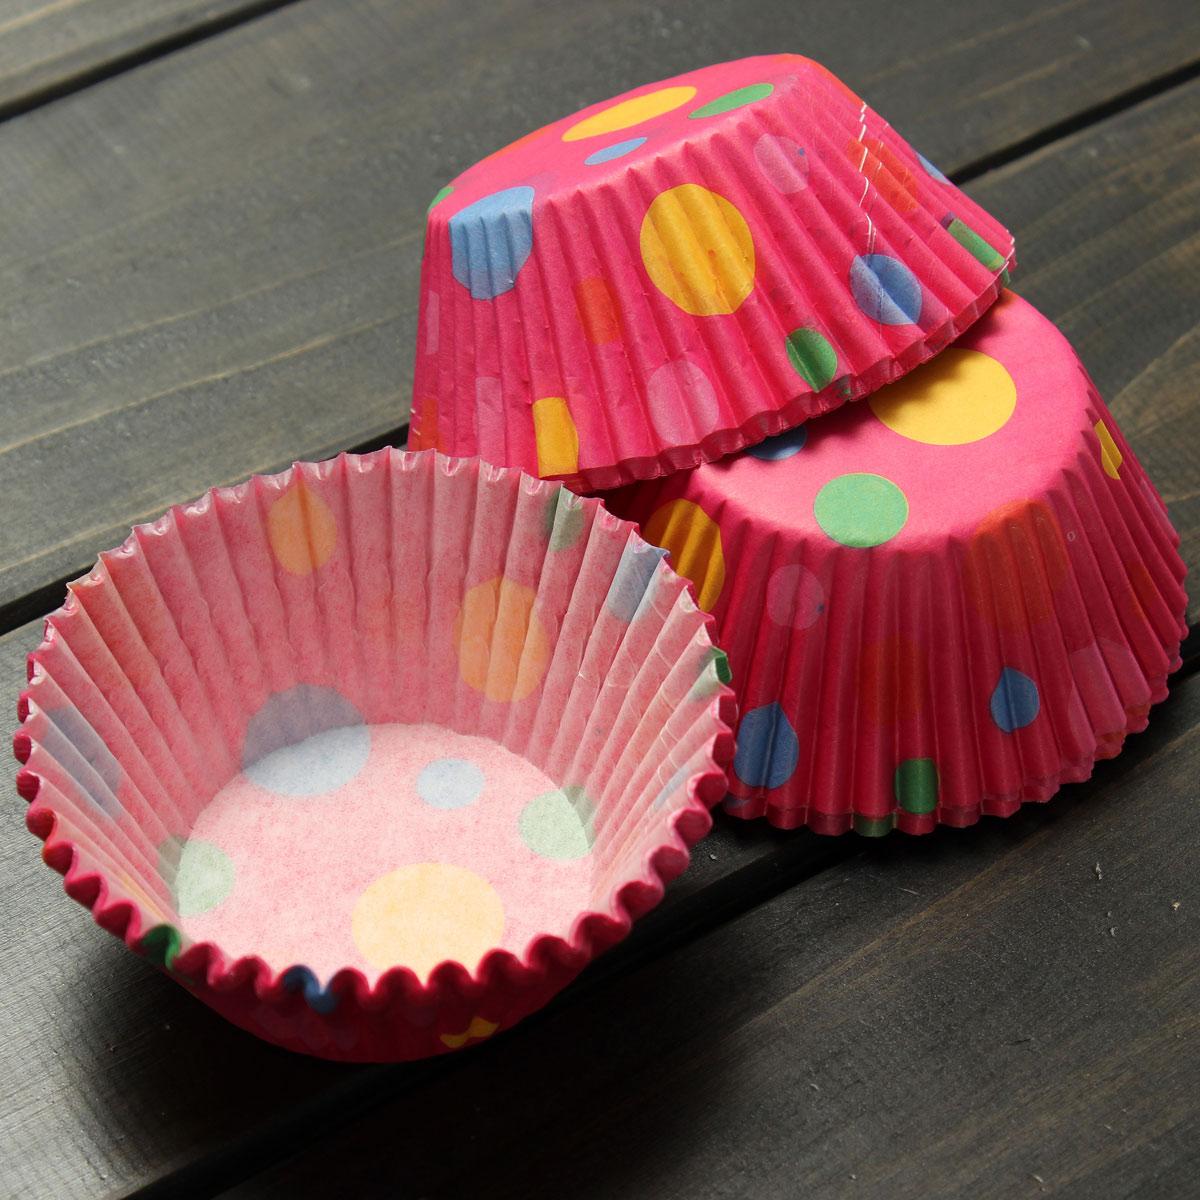 100pz pirottini in carta per muffin o cupcake torte forno - Forno ventilato per torte ...